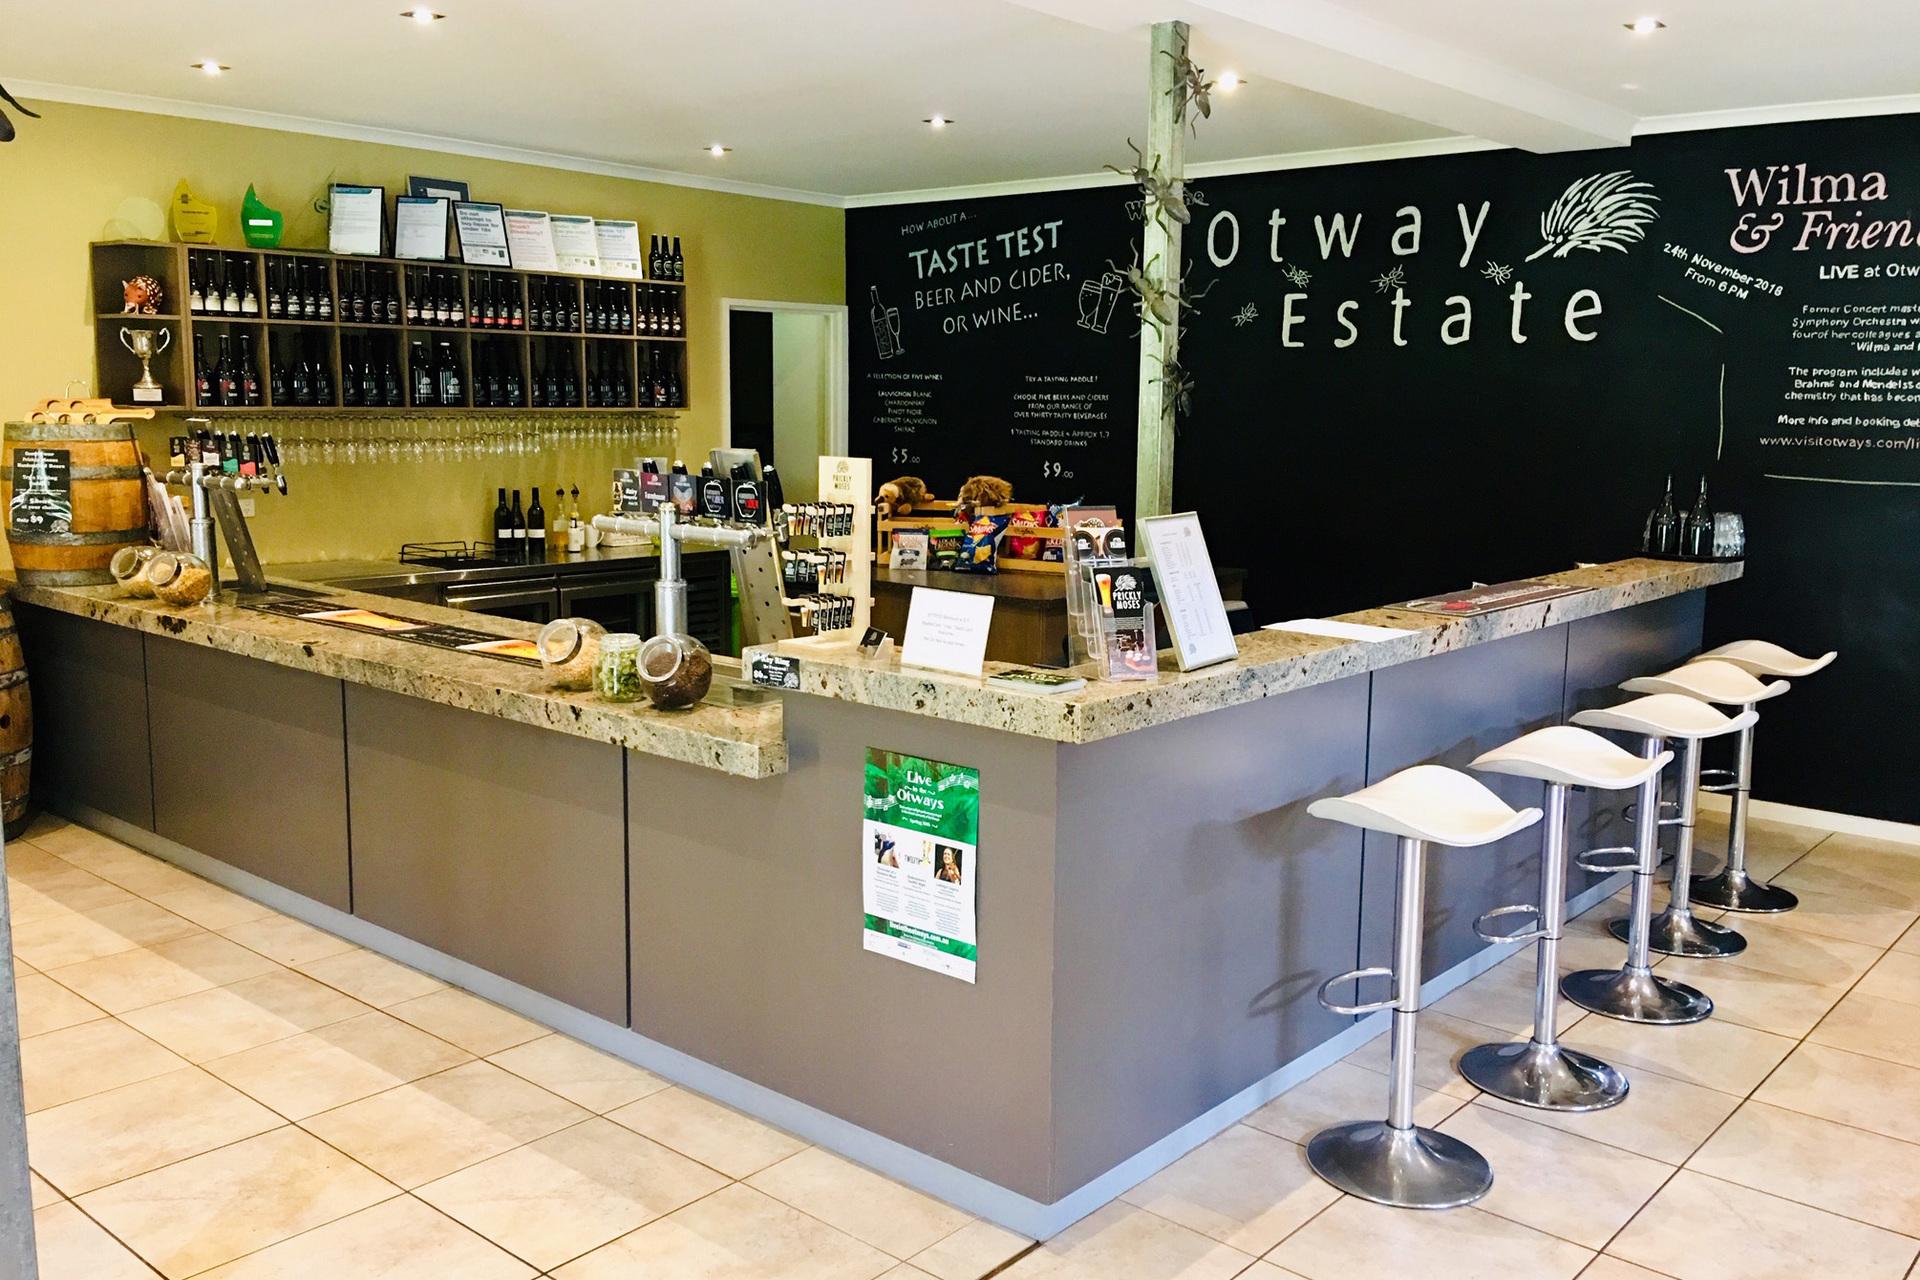 b - Otway Estate Cafe & Restaurant